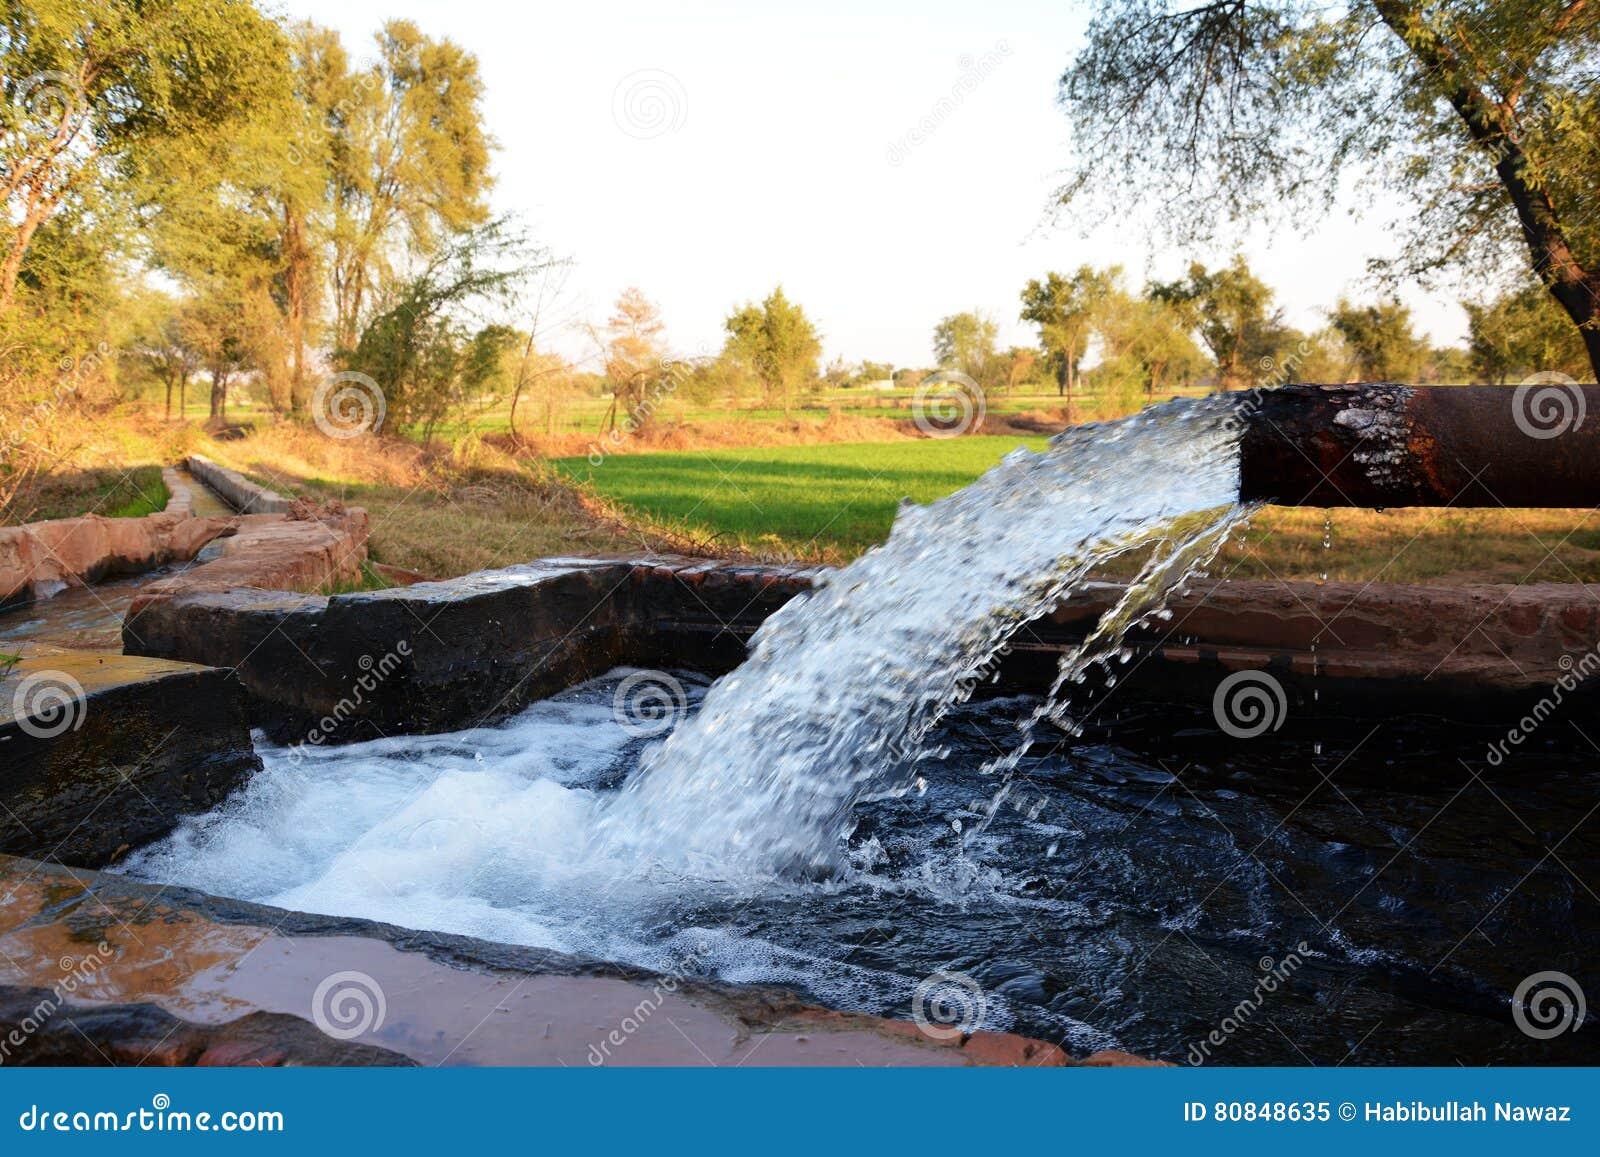 Ausgang eines Rohrs gut zu einem vorübergehenden Reservoir in einem kleinen Dorf von Pakistan